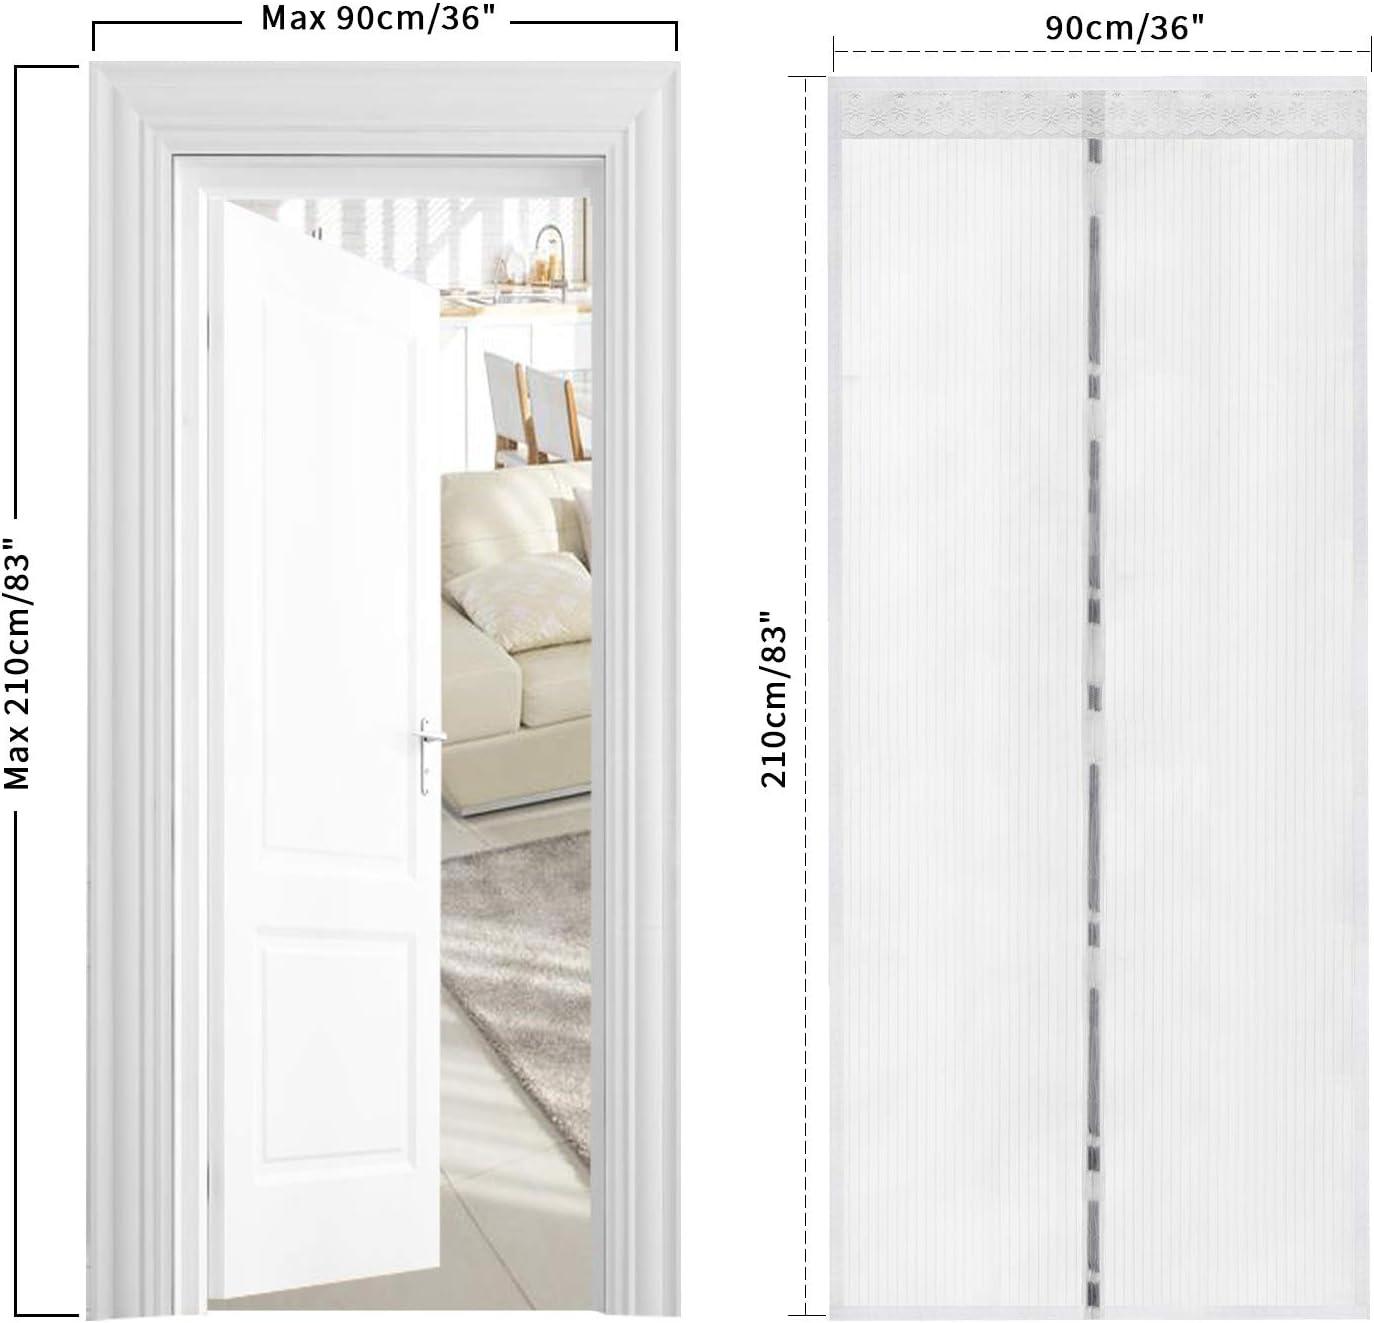 TSYMO mosquitera magnética para puerta mosquitera, mosquitos, insectos, cortina de malla, se adapta a aberturas de puerta de hasta 90 x 210 cm: Amazon.es: Bricolaje y herramientas